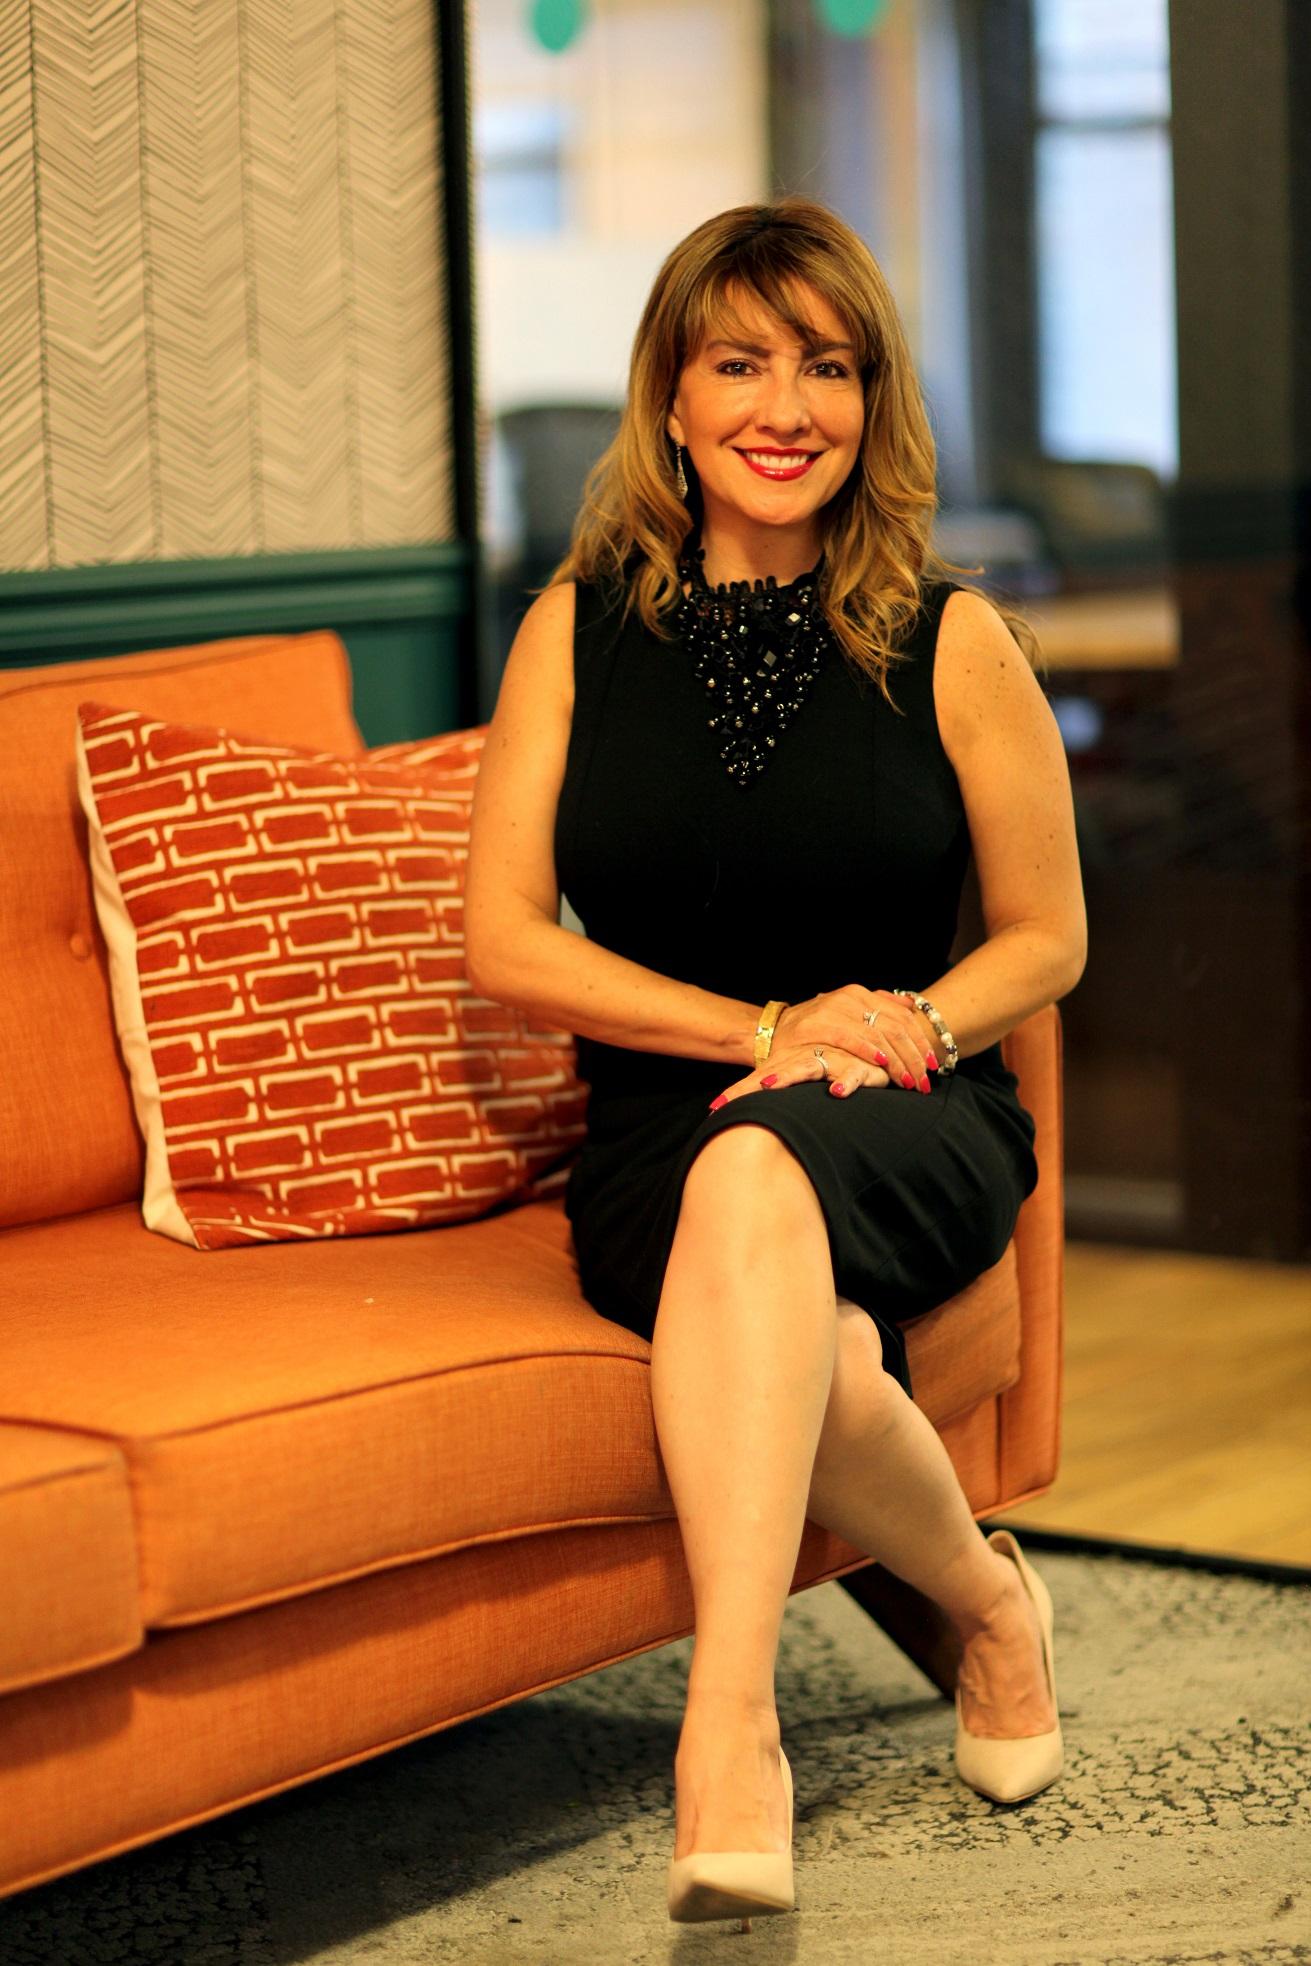 Alejandra in her office